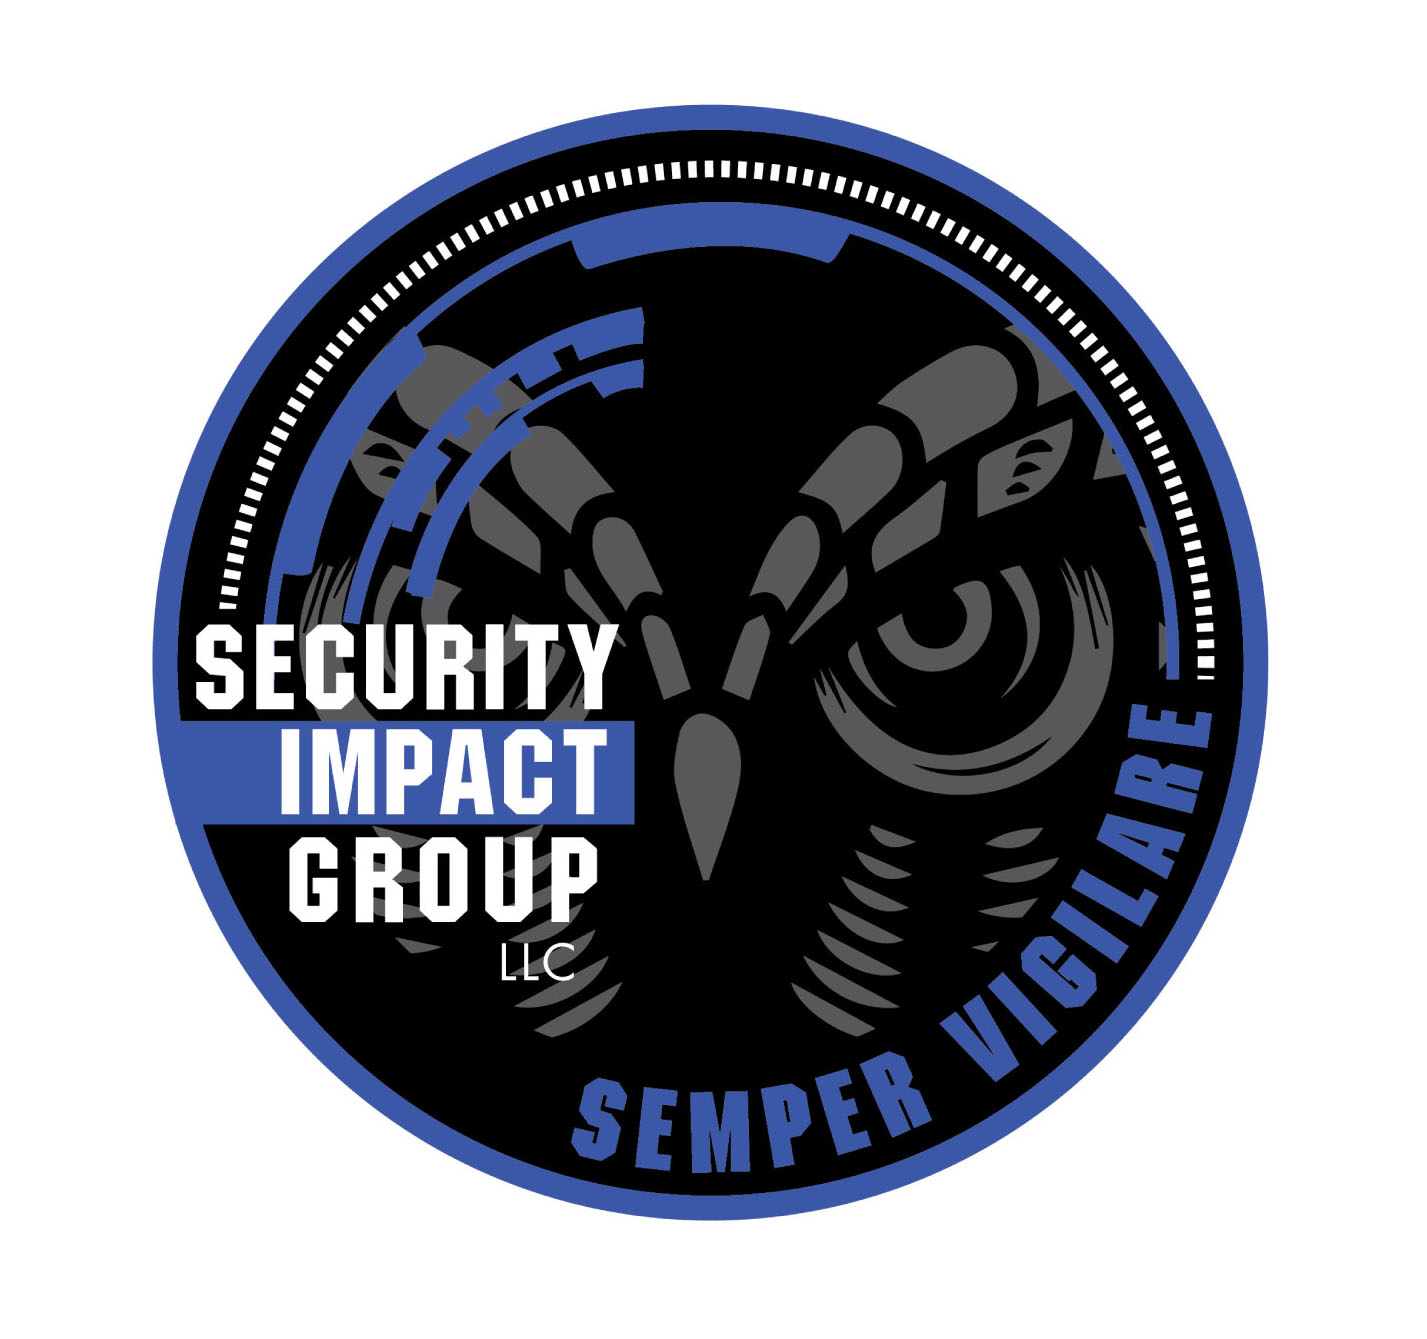 SecurityImpactGroup_C2-01.jpg